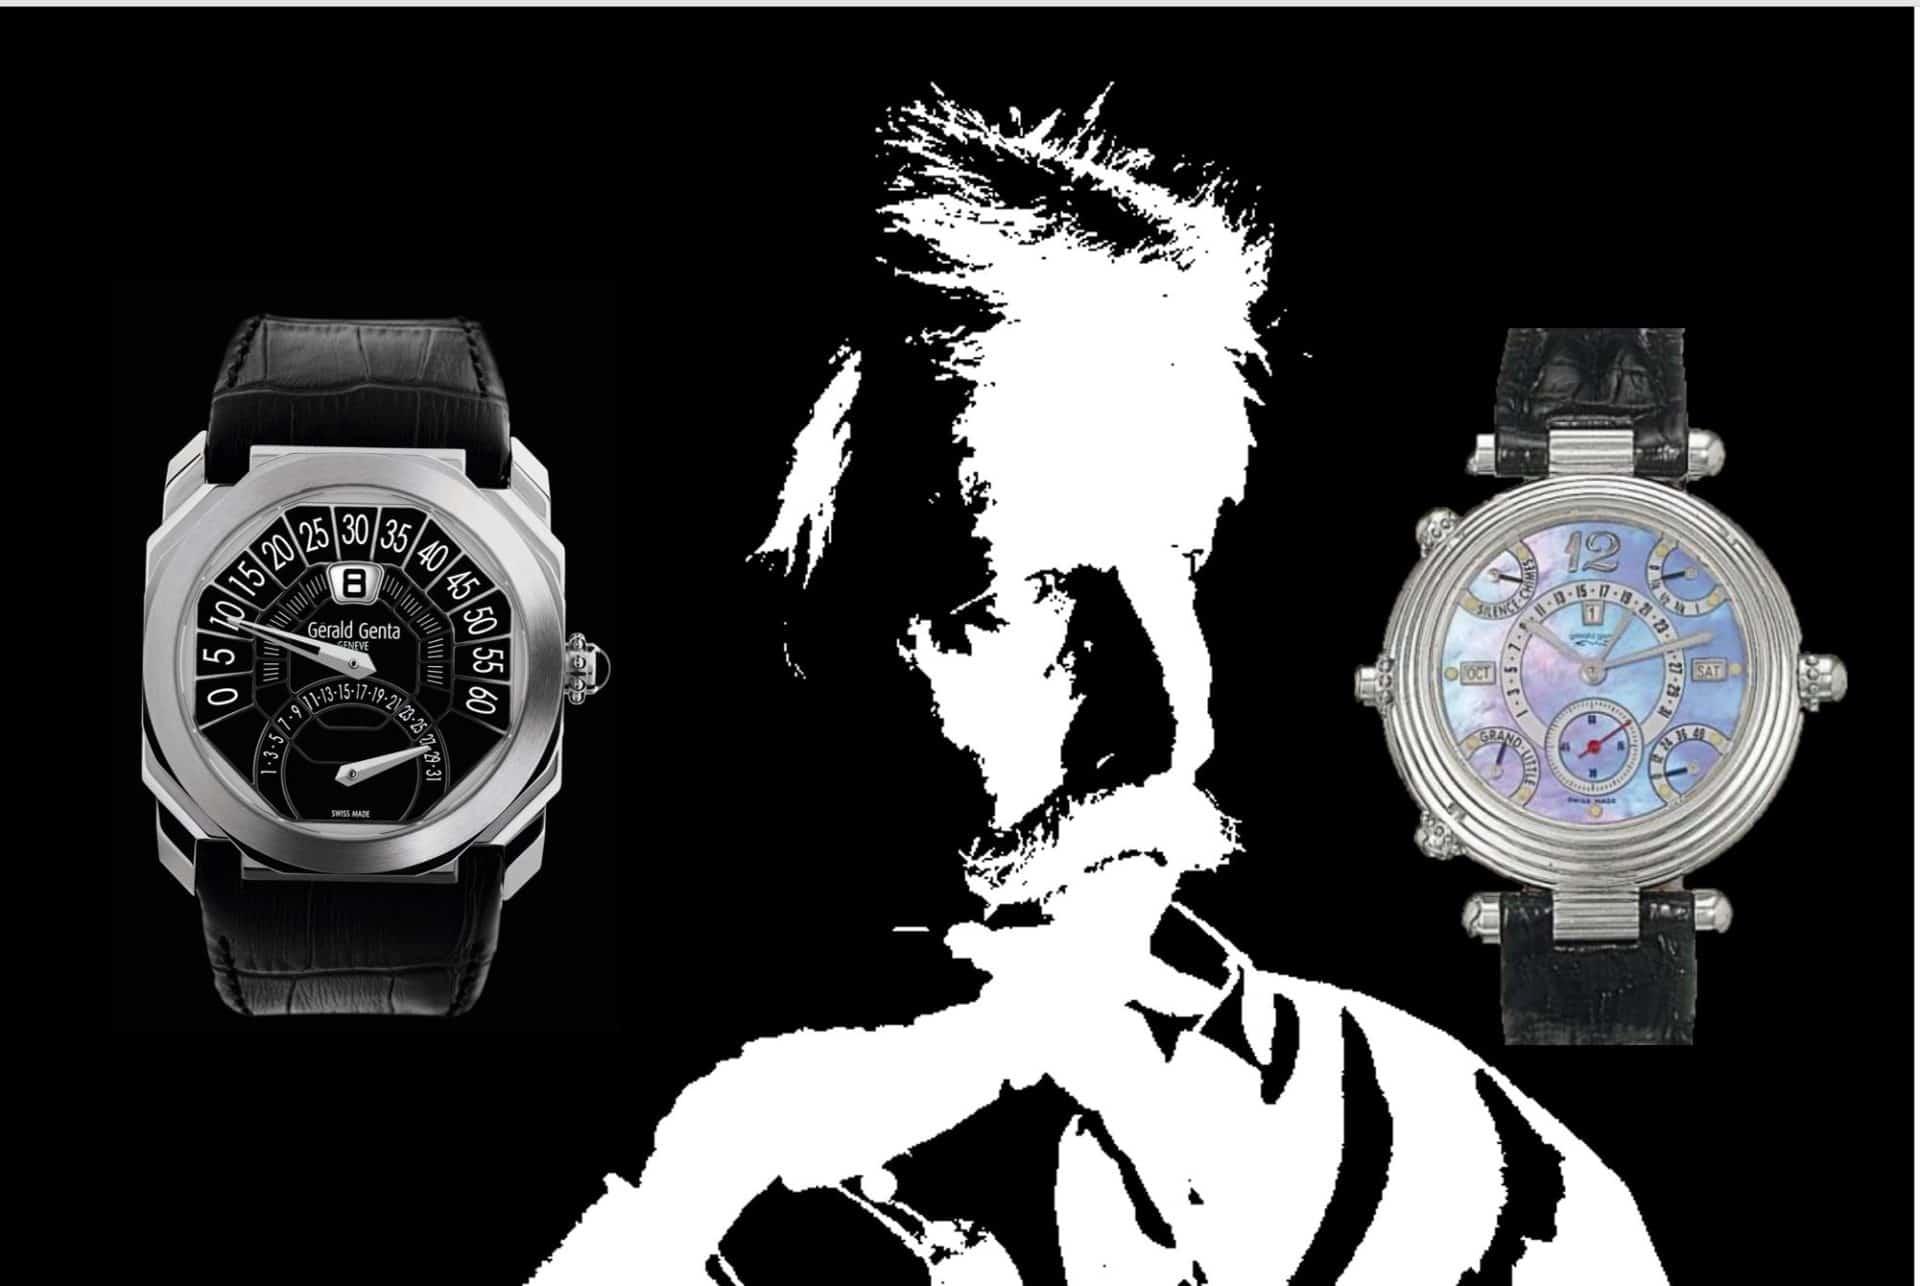 Hochwertiger Uhrenbau von Gérald Genta: Die Grande Complication und die Octo Black